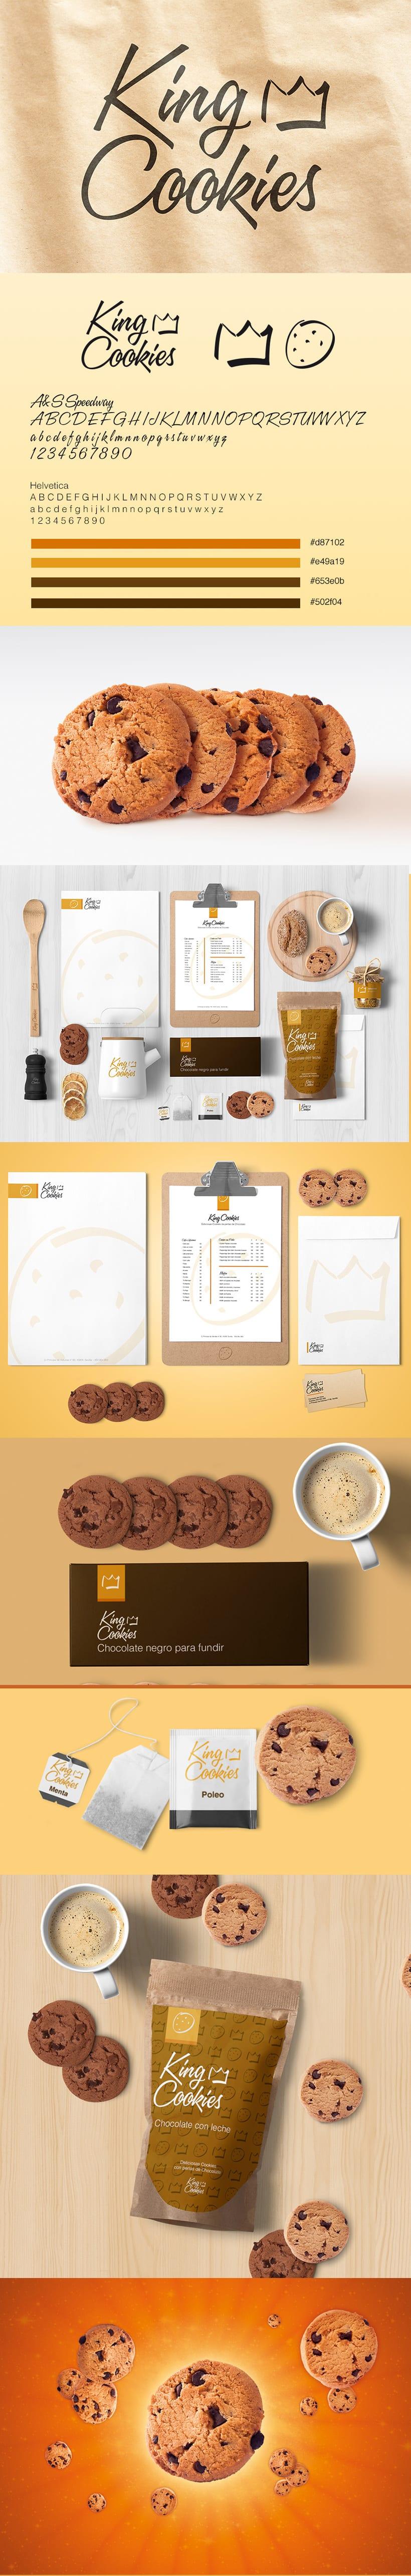 King Cookies 2